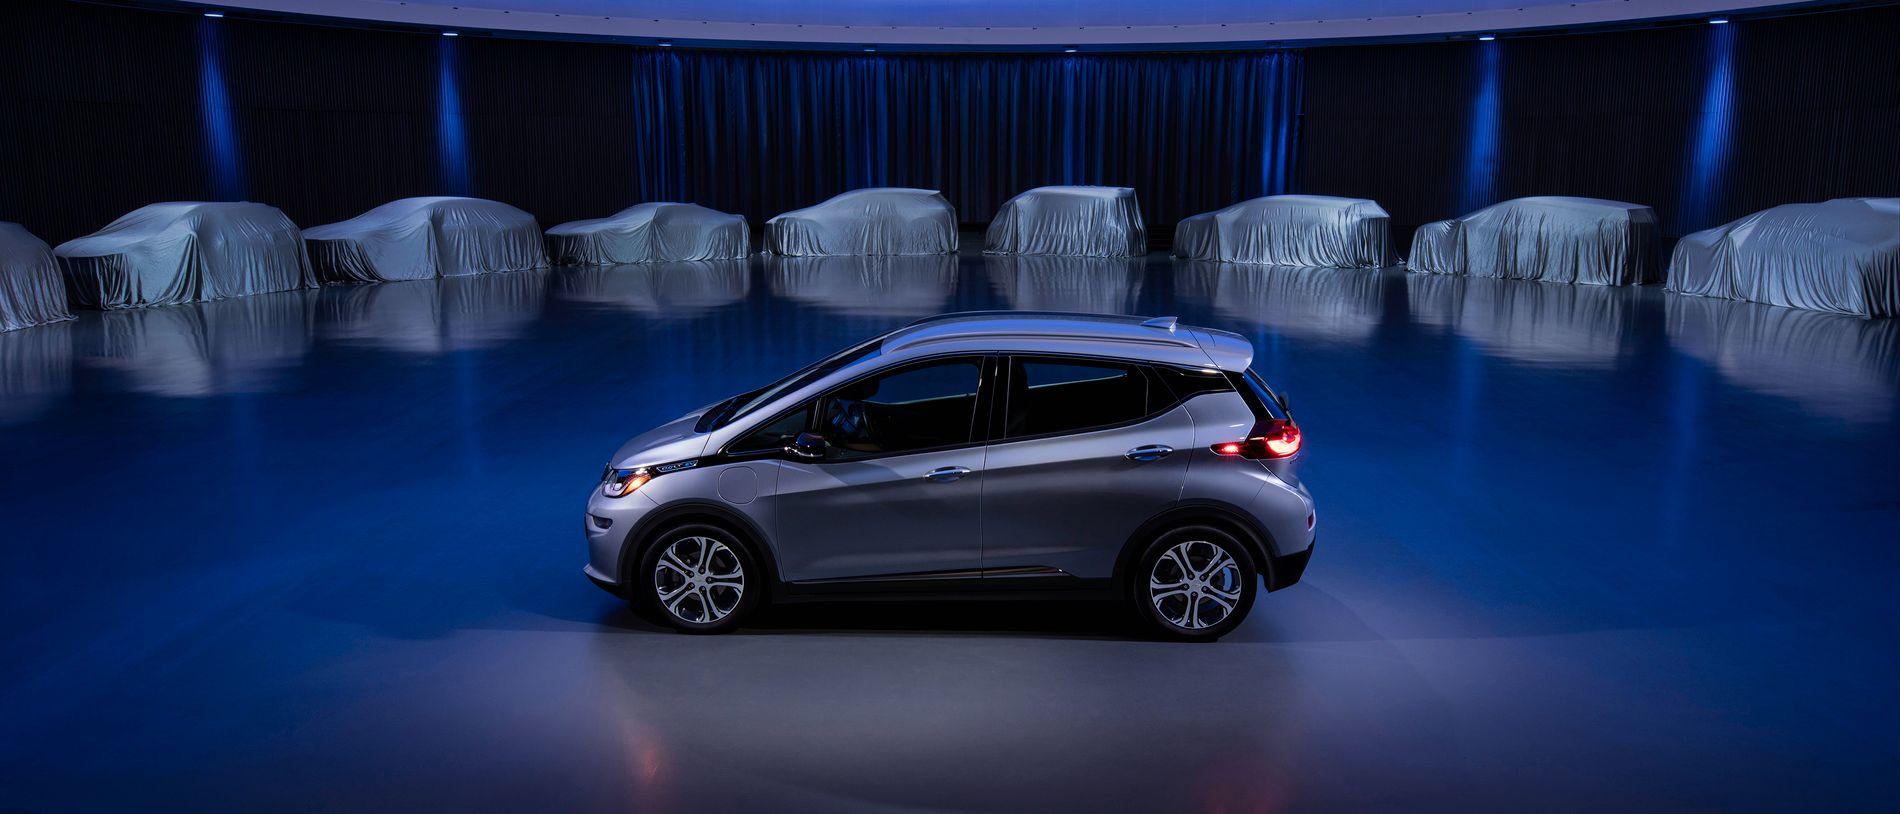 Nissan ser for seg solid vekst i elbilsalget - E24